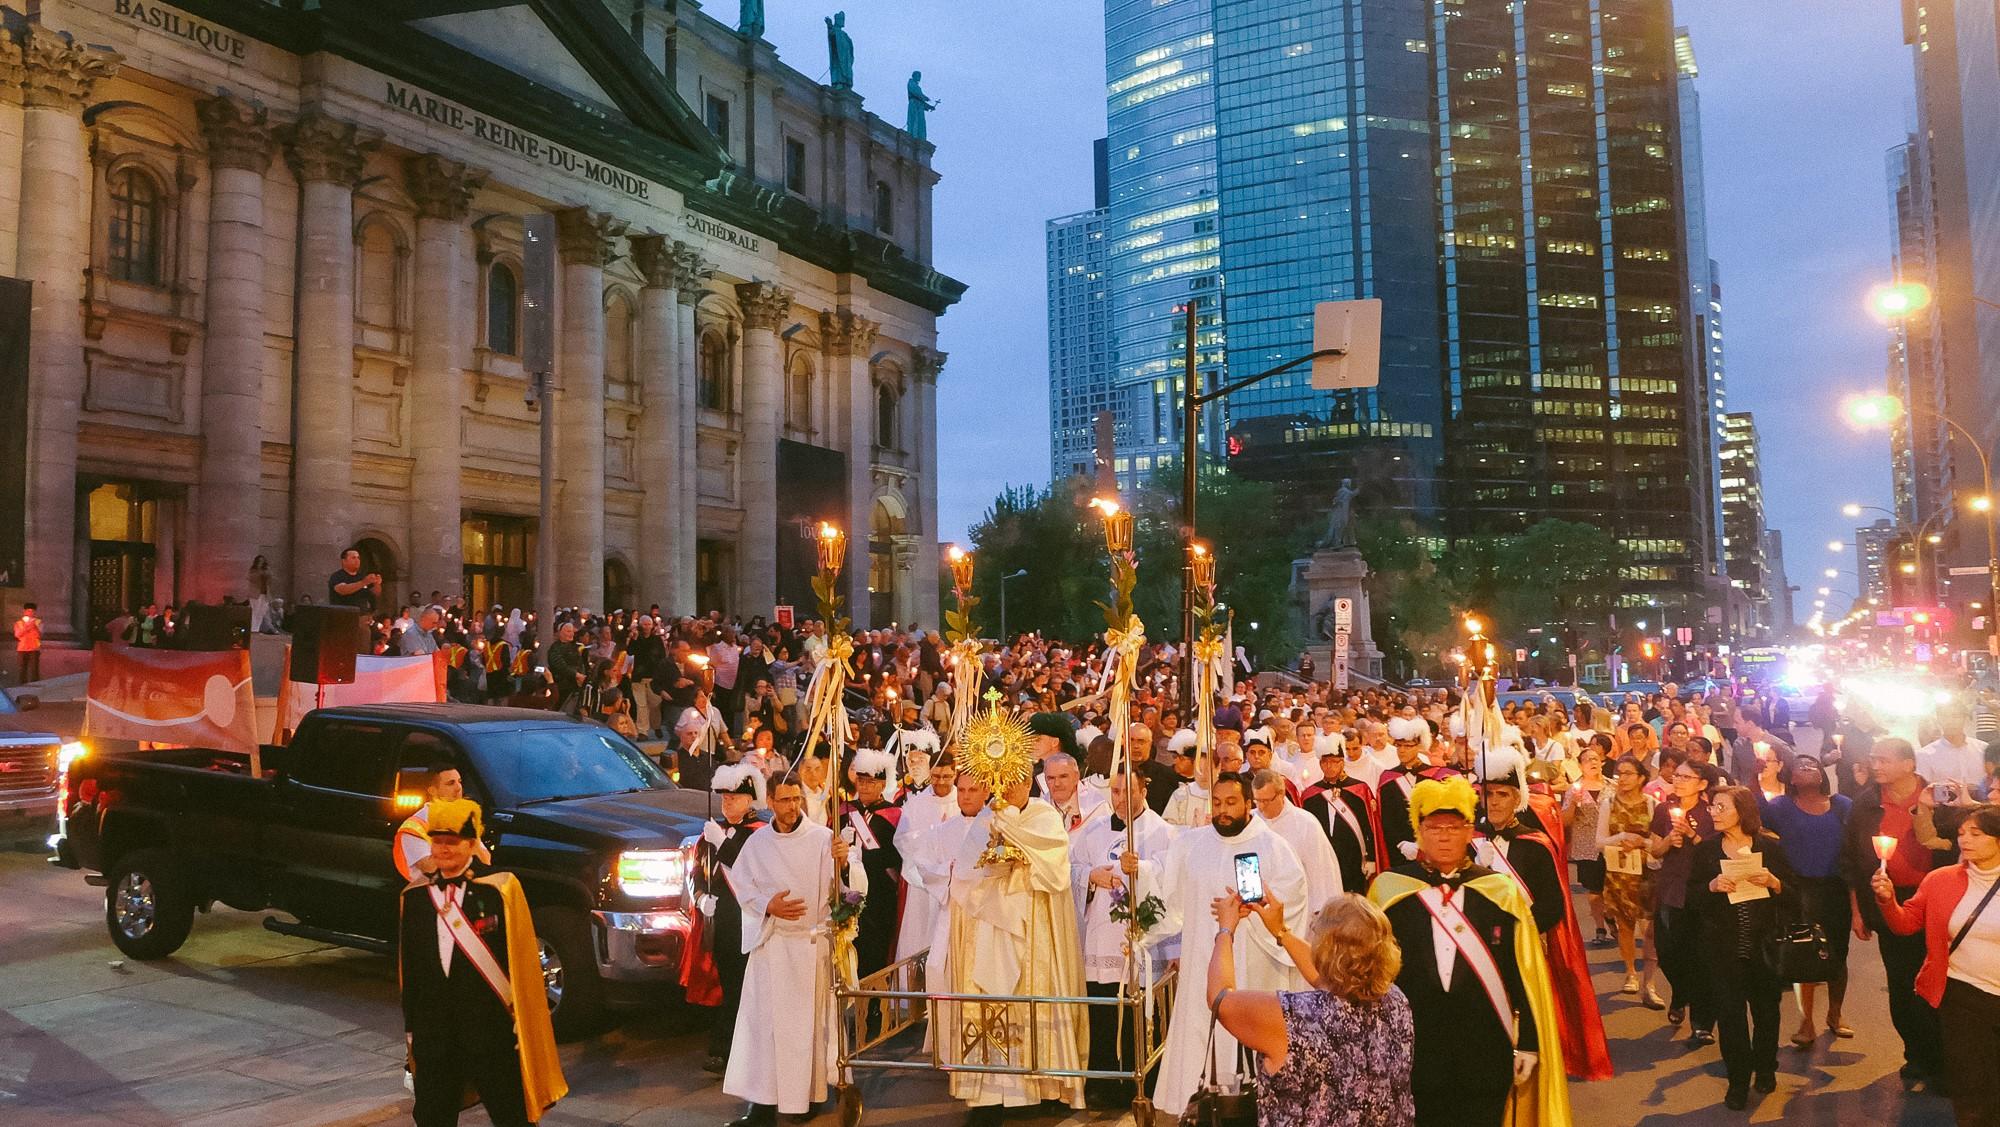 Procession de la Fête-Dieu devant la cathédrale Marie-Reine-du-Monde en 2016